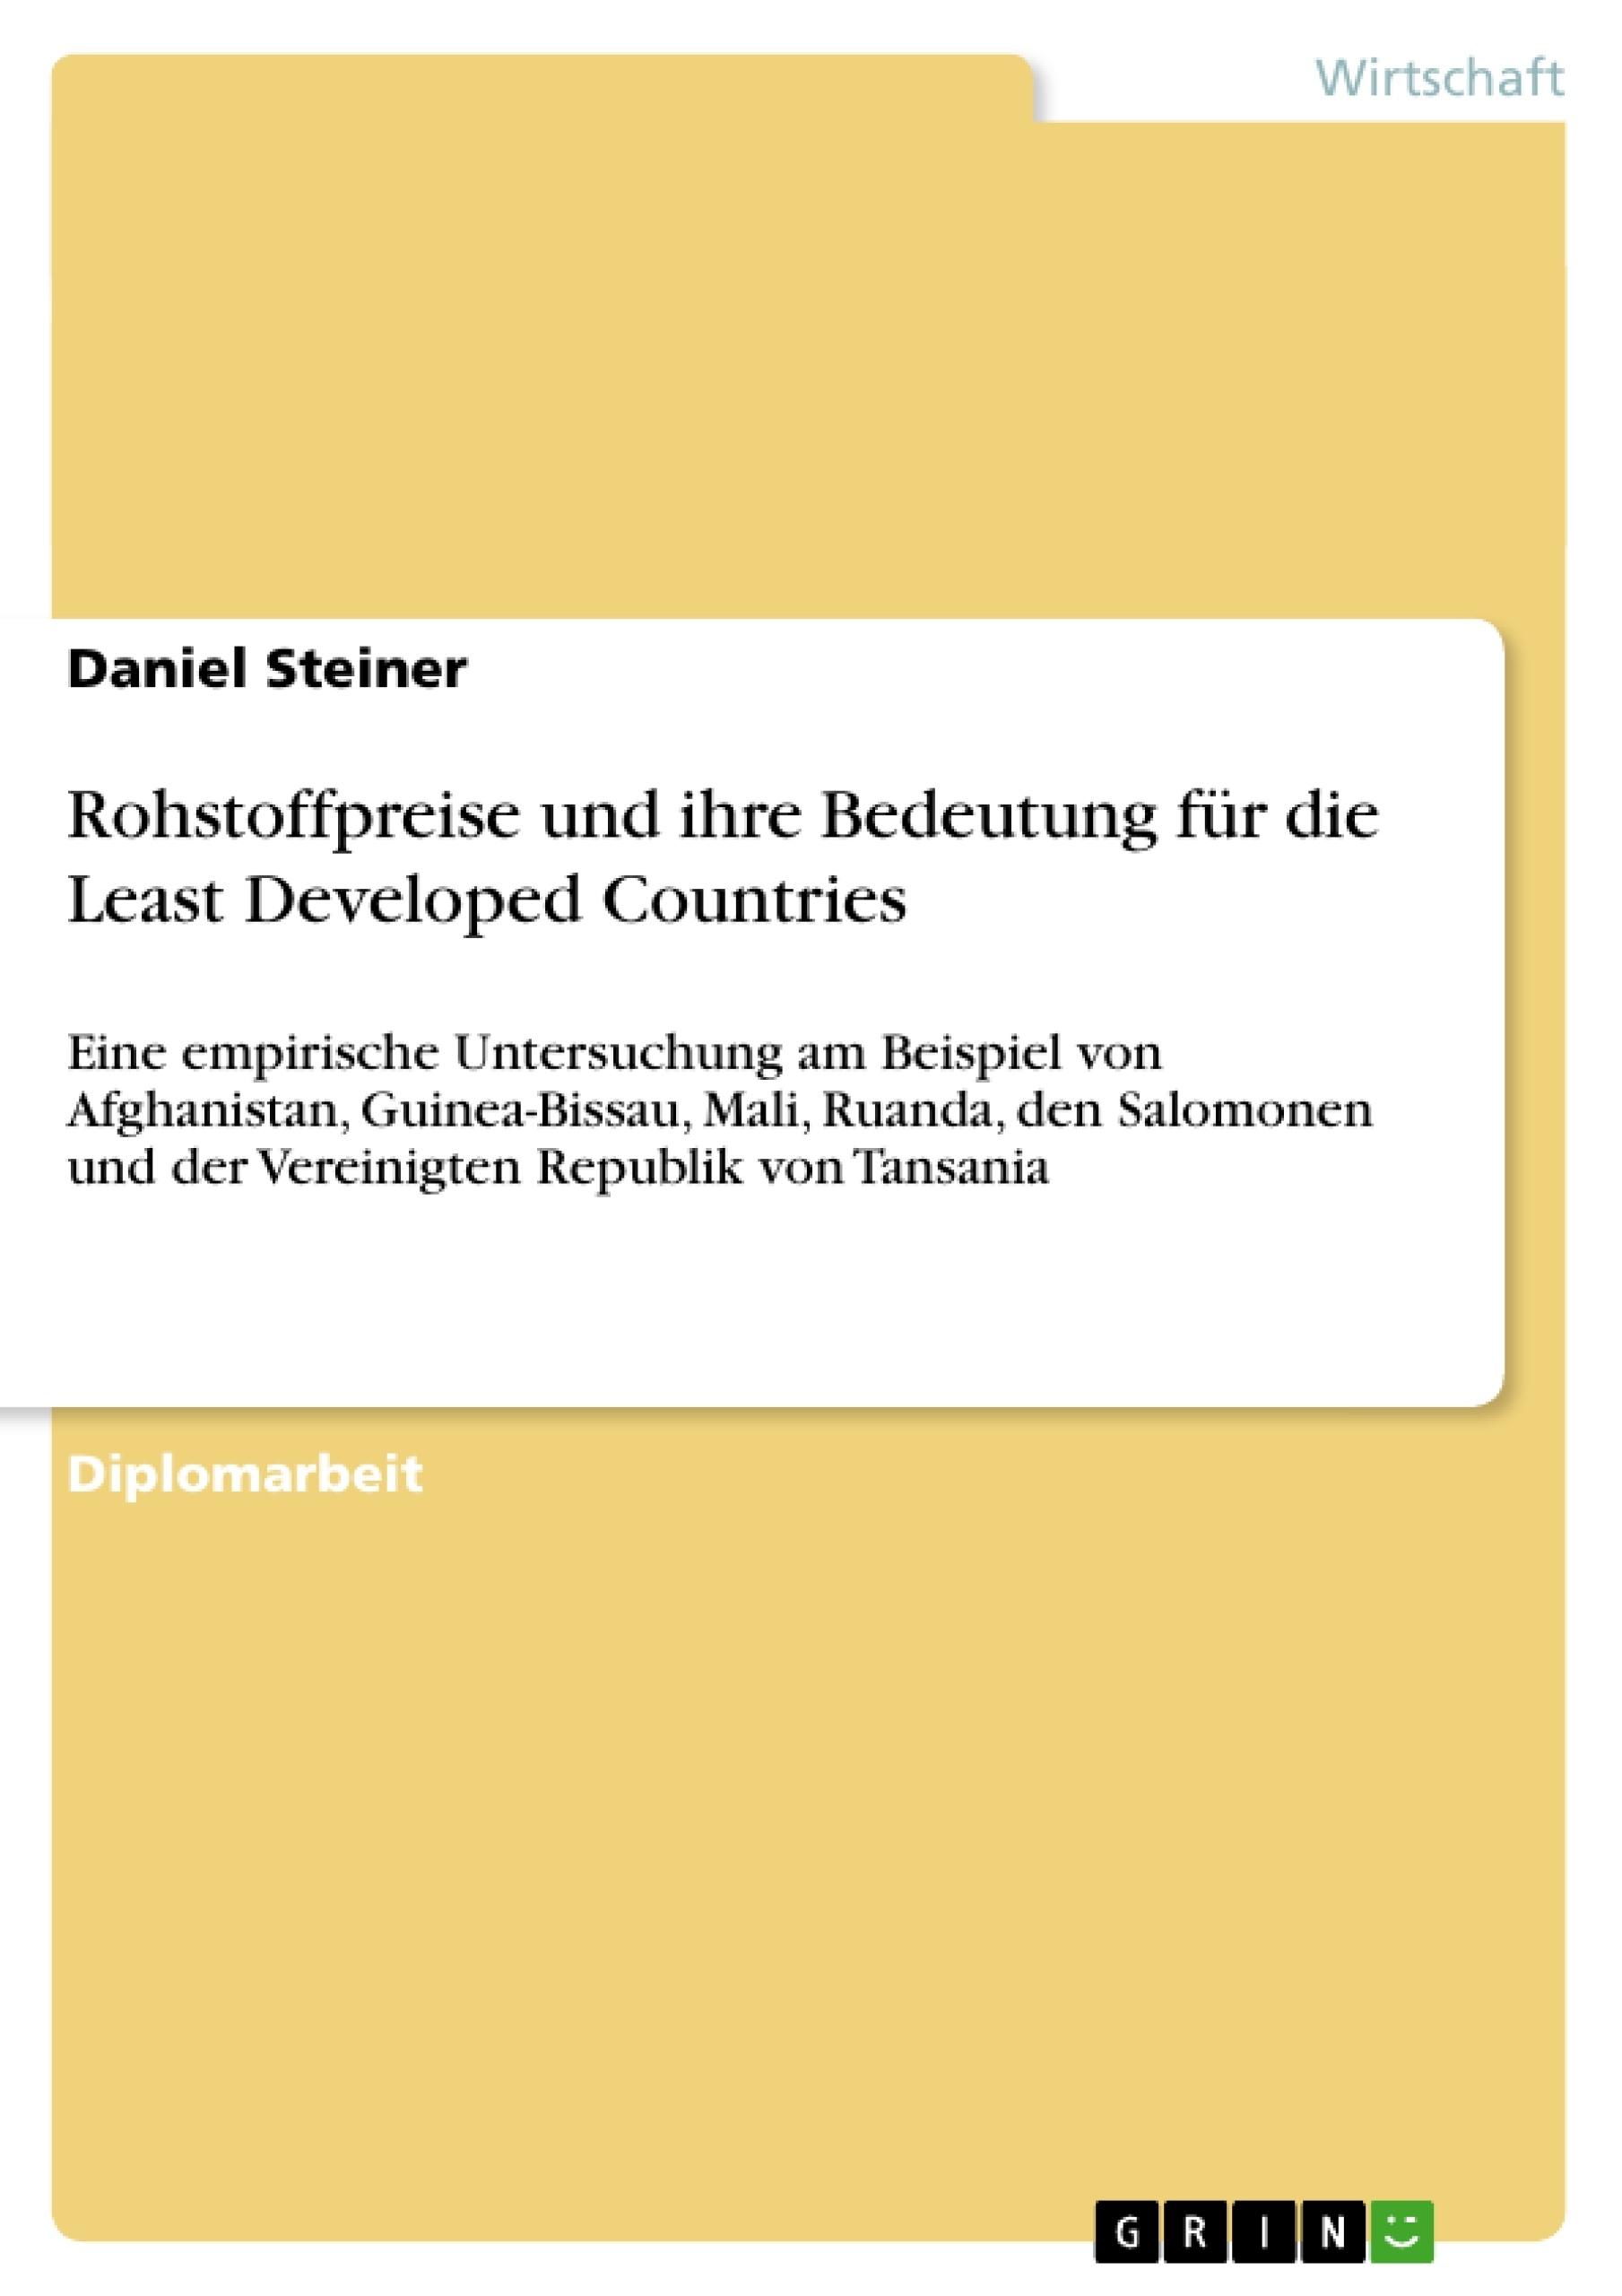 Titel: Rohstoffpreise und ihre Bedeutung für die Least Developed Countries